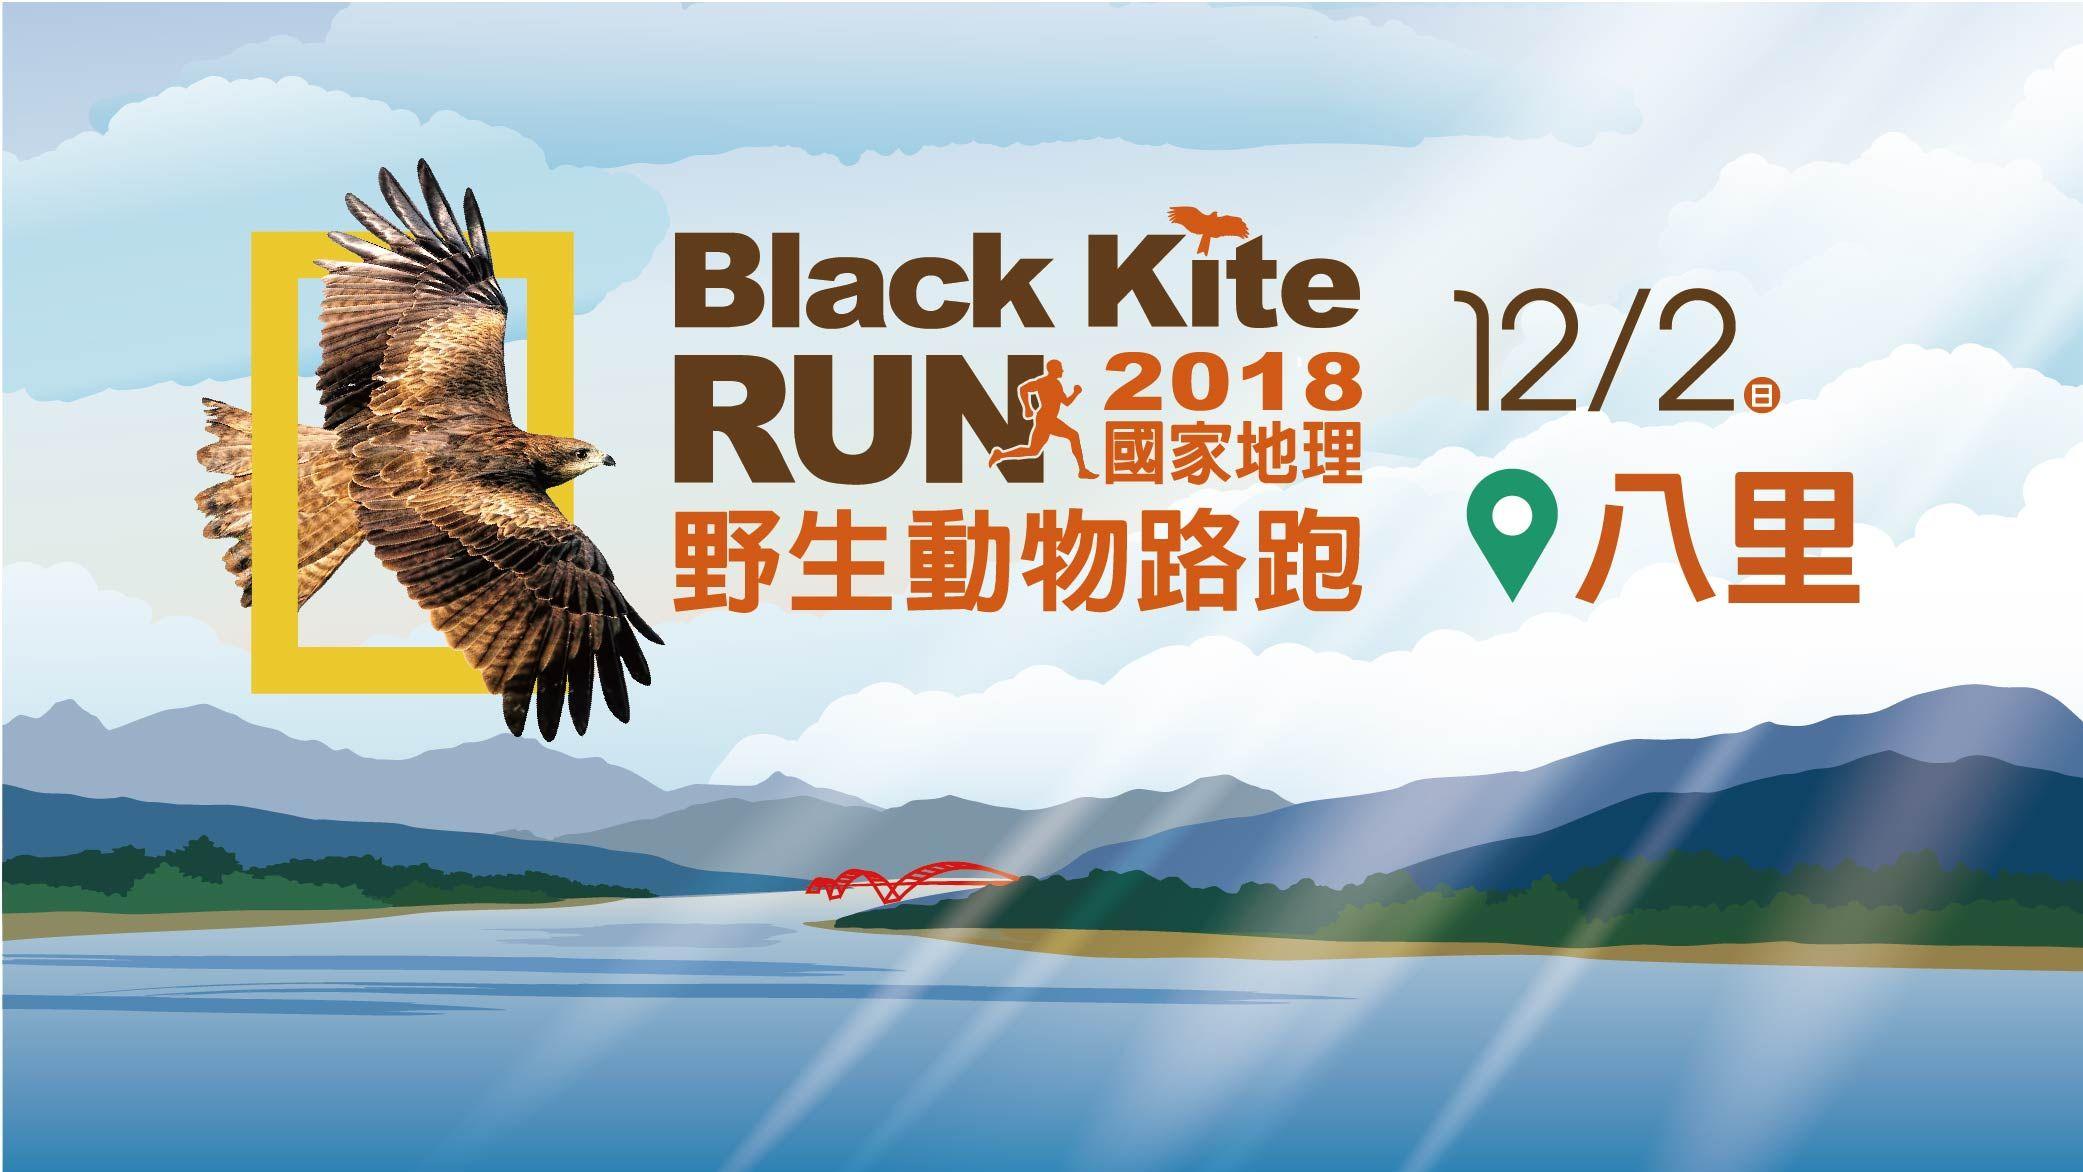 2018國家地理野生動物路跑在八里 - 國家地理雜誌中文網 | Banner